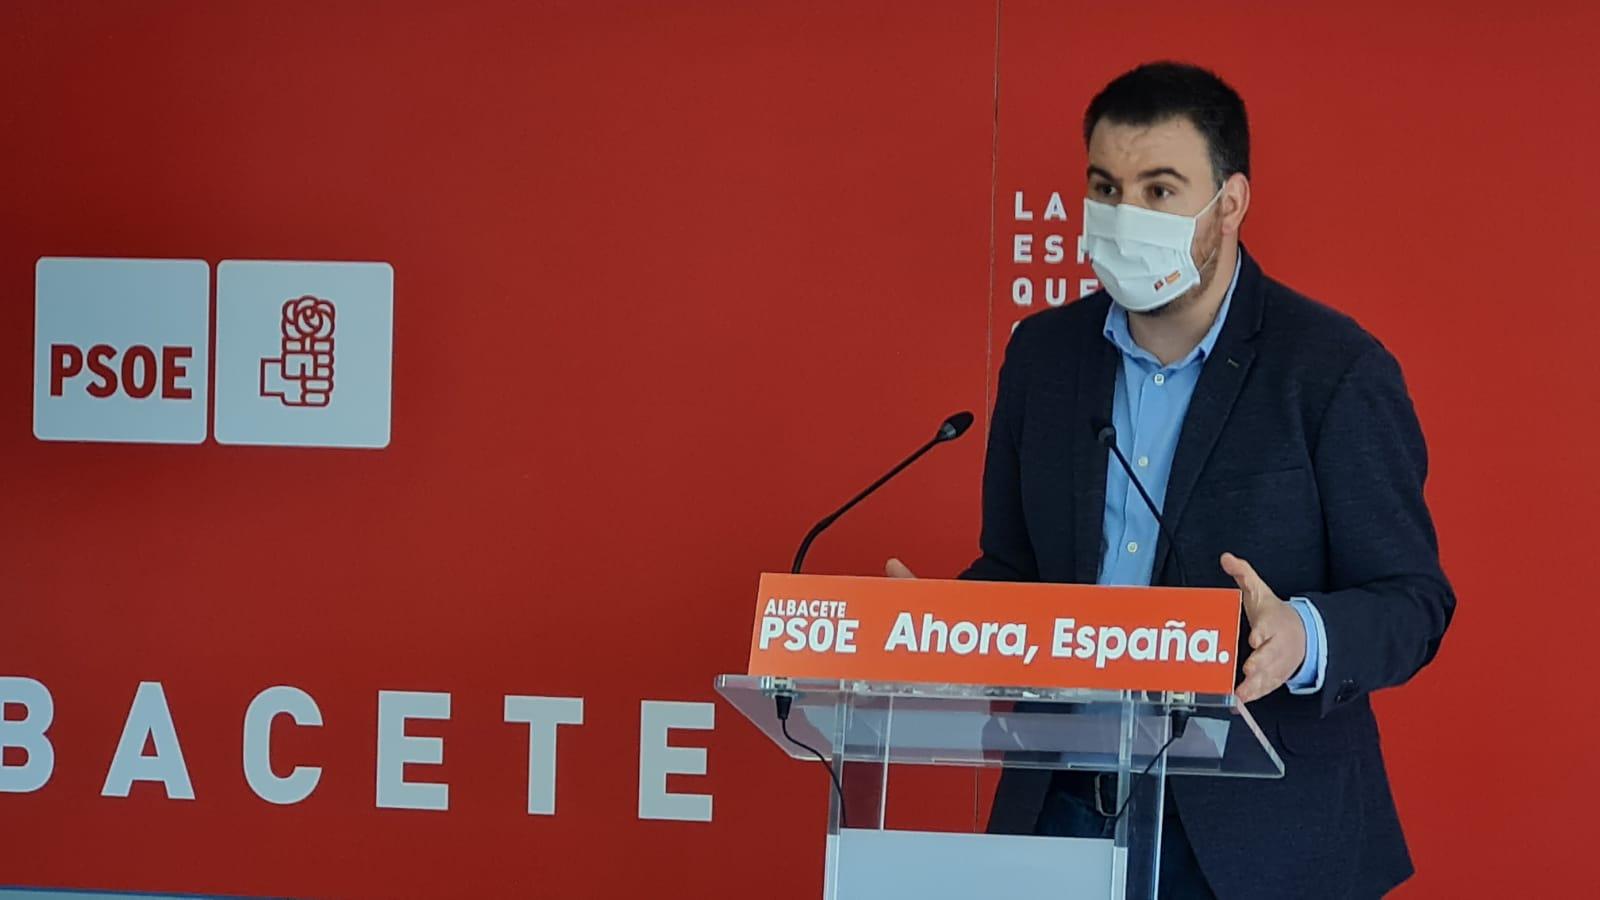 El PSOE de Albacete valora los más de 200 millones que el Gobierno regional ha destinado a nuevas ayudas para empresas y autónomos con importantes beneficios para la provincia